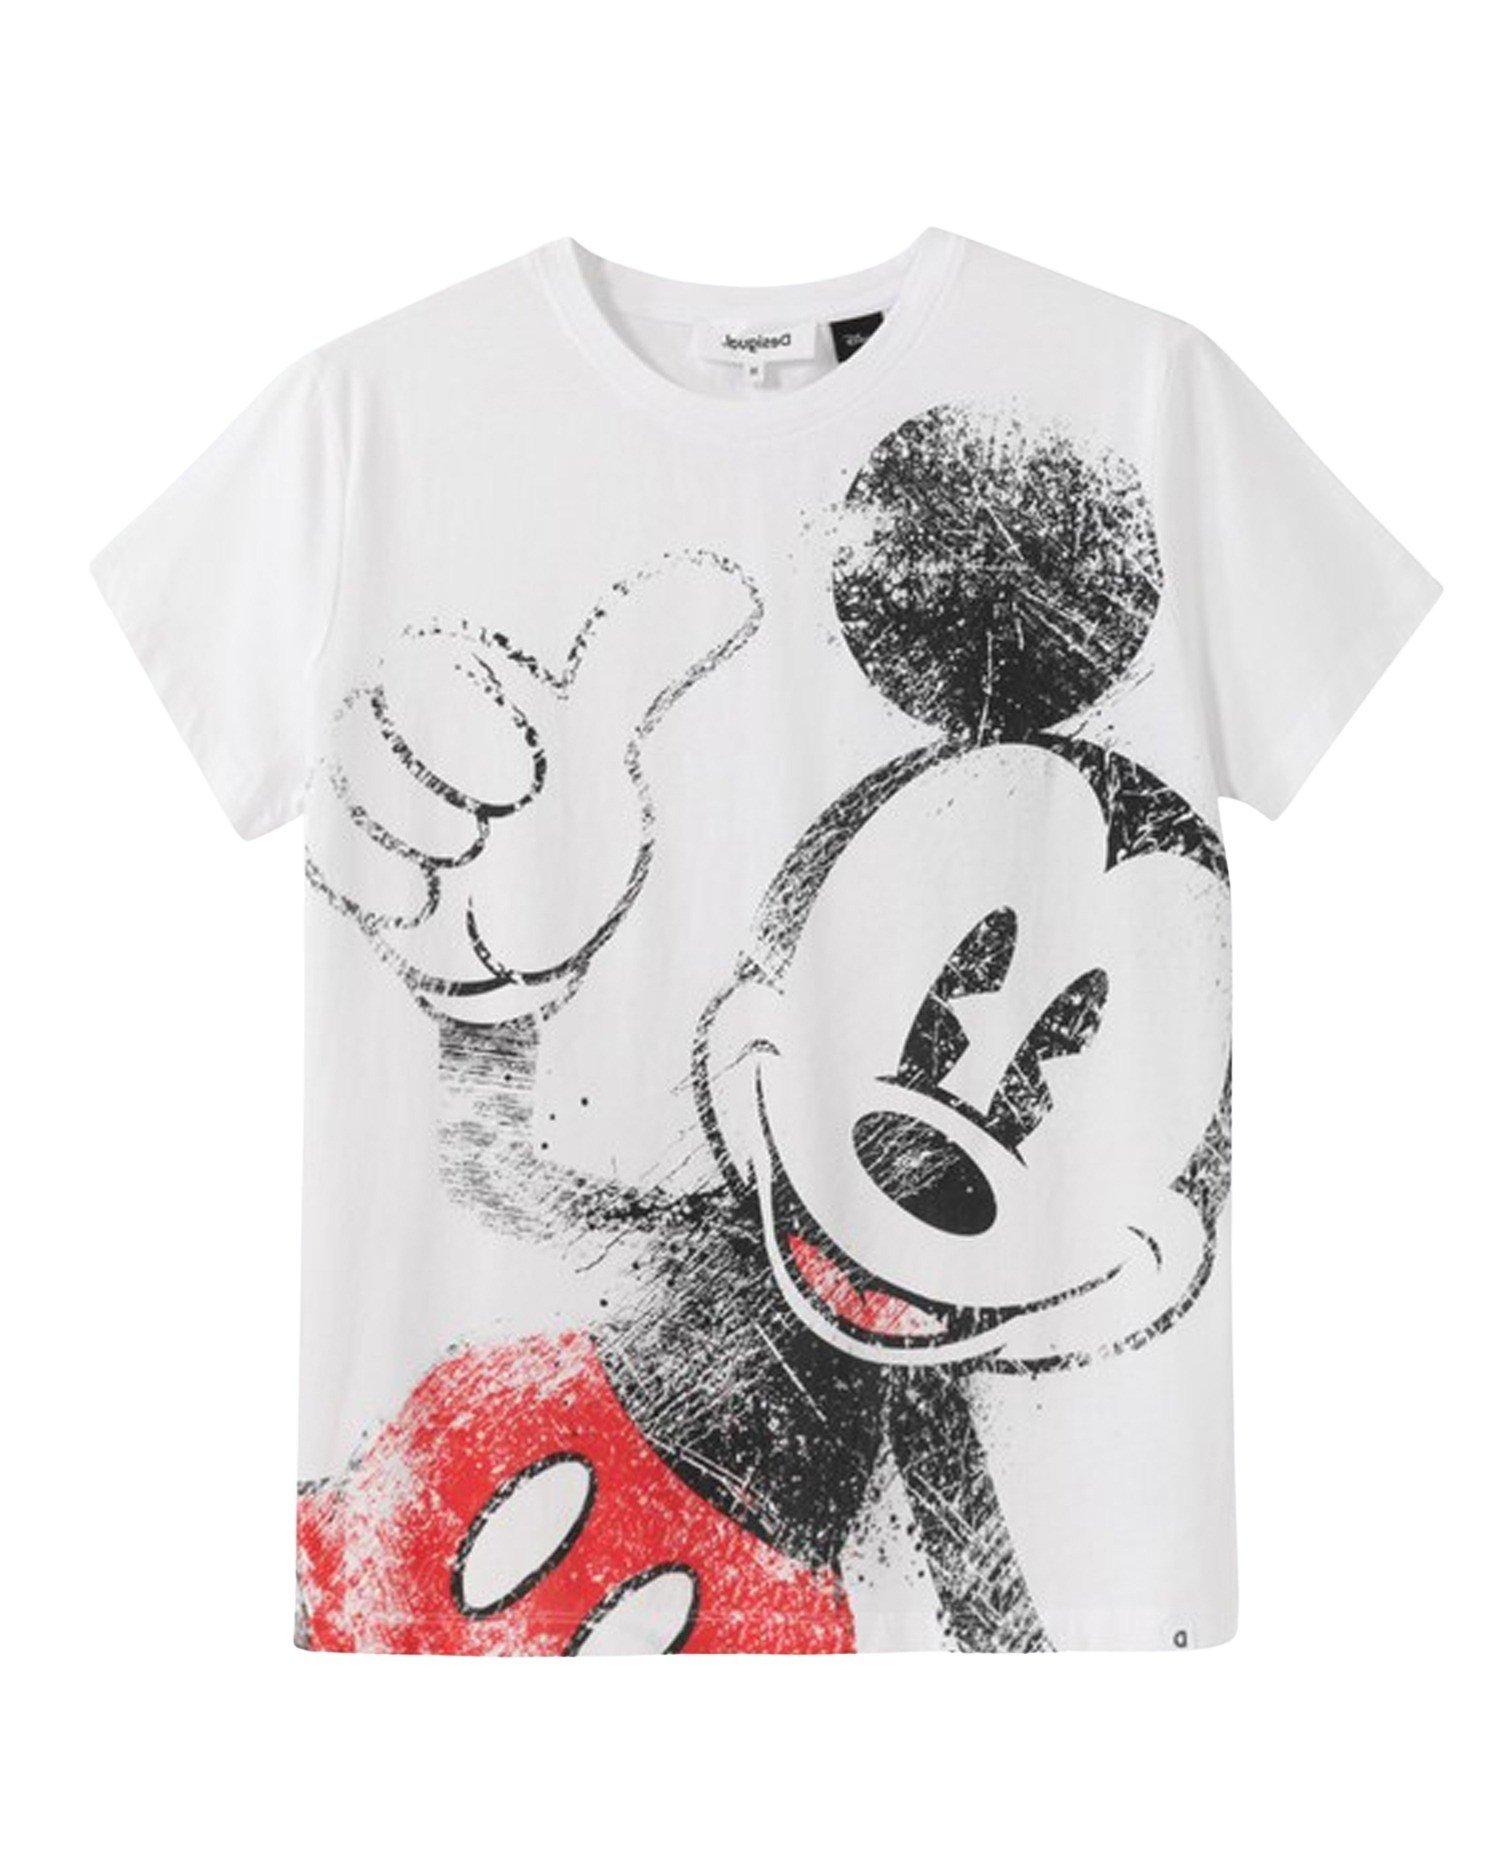 Desigual Women's T-Shirt Various Colours 203450 - white S